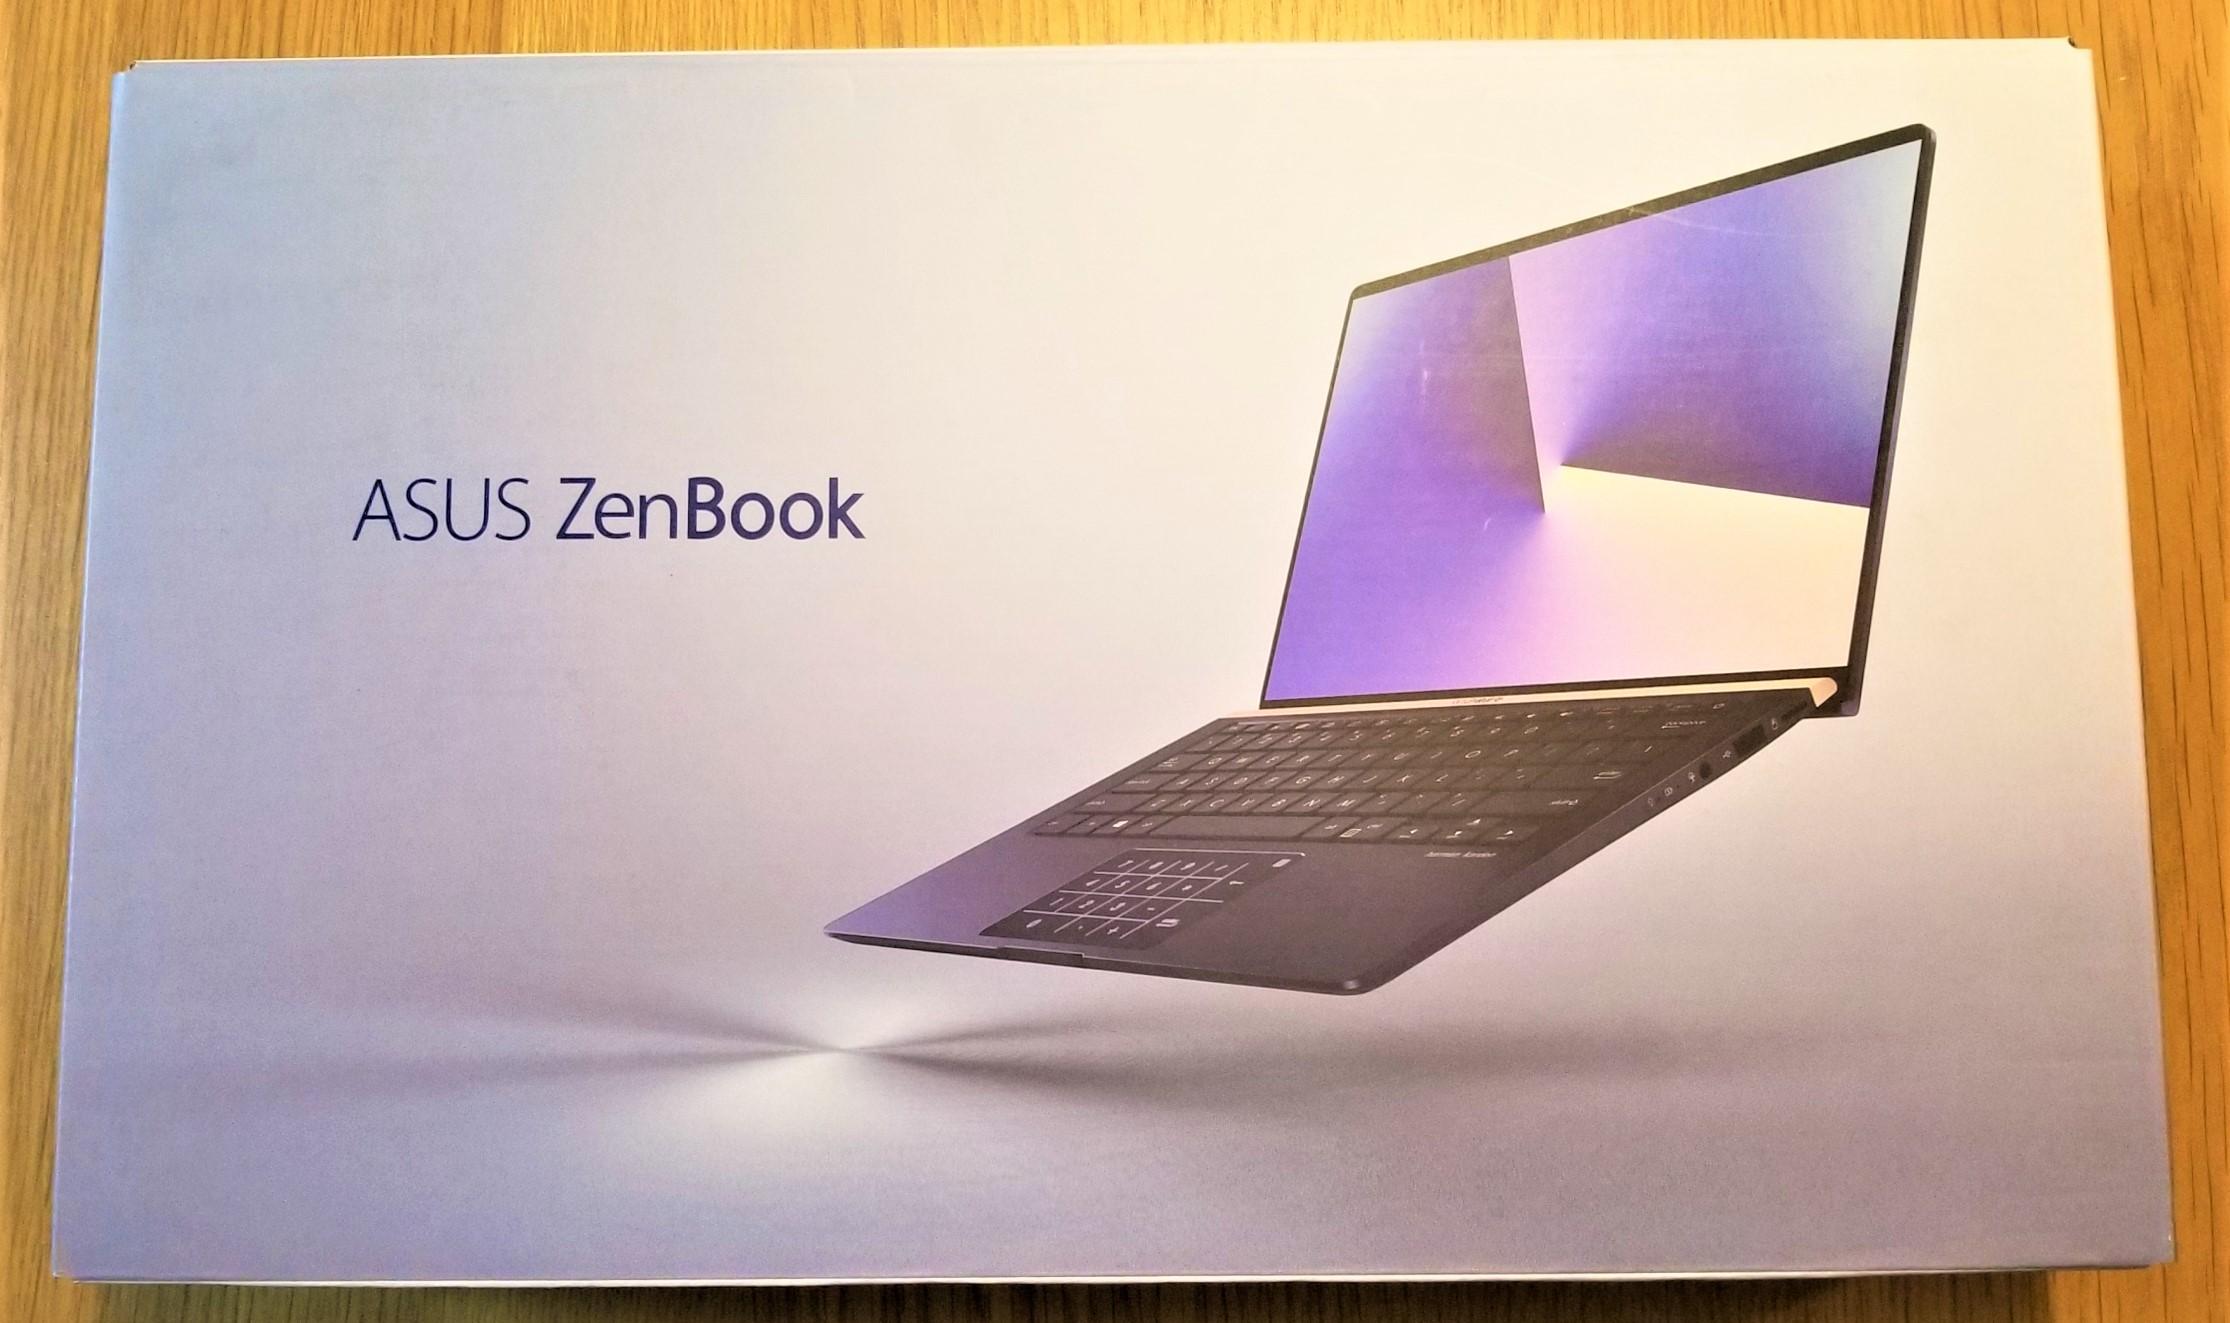 【番外編】ASUS ZenBook 14 UX433FN というノートパソコン に買い替え